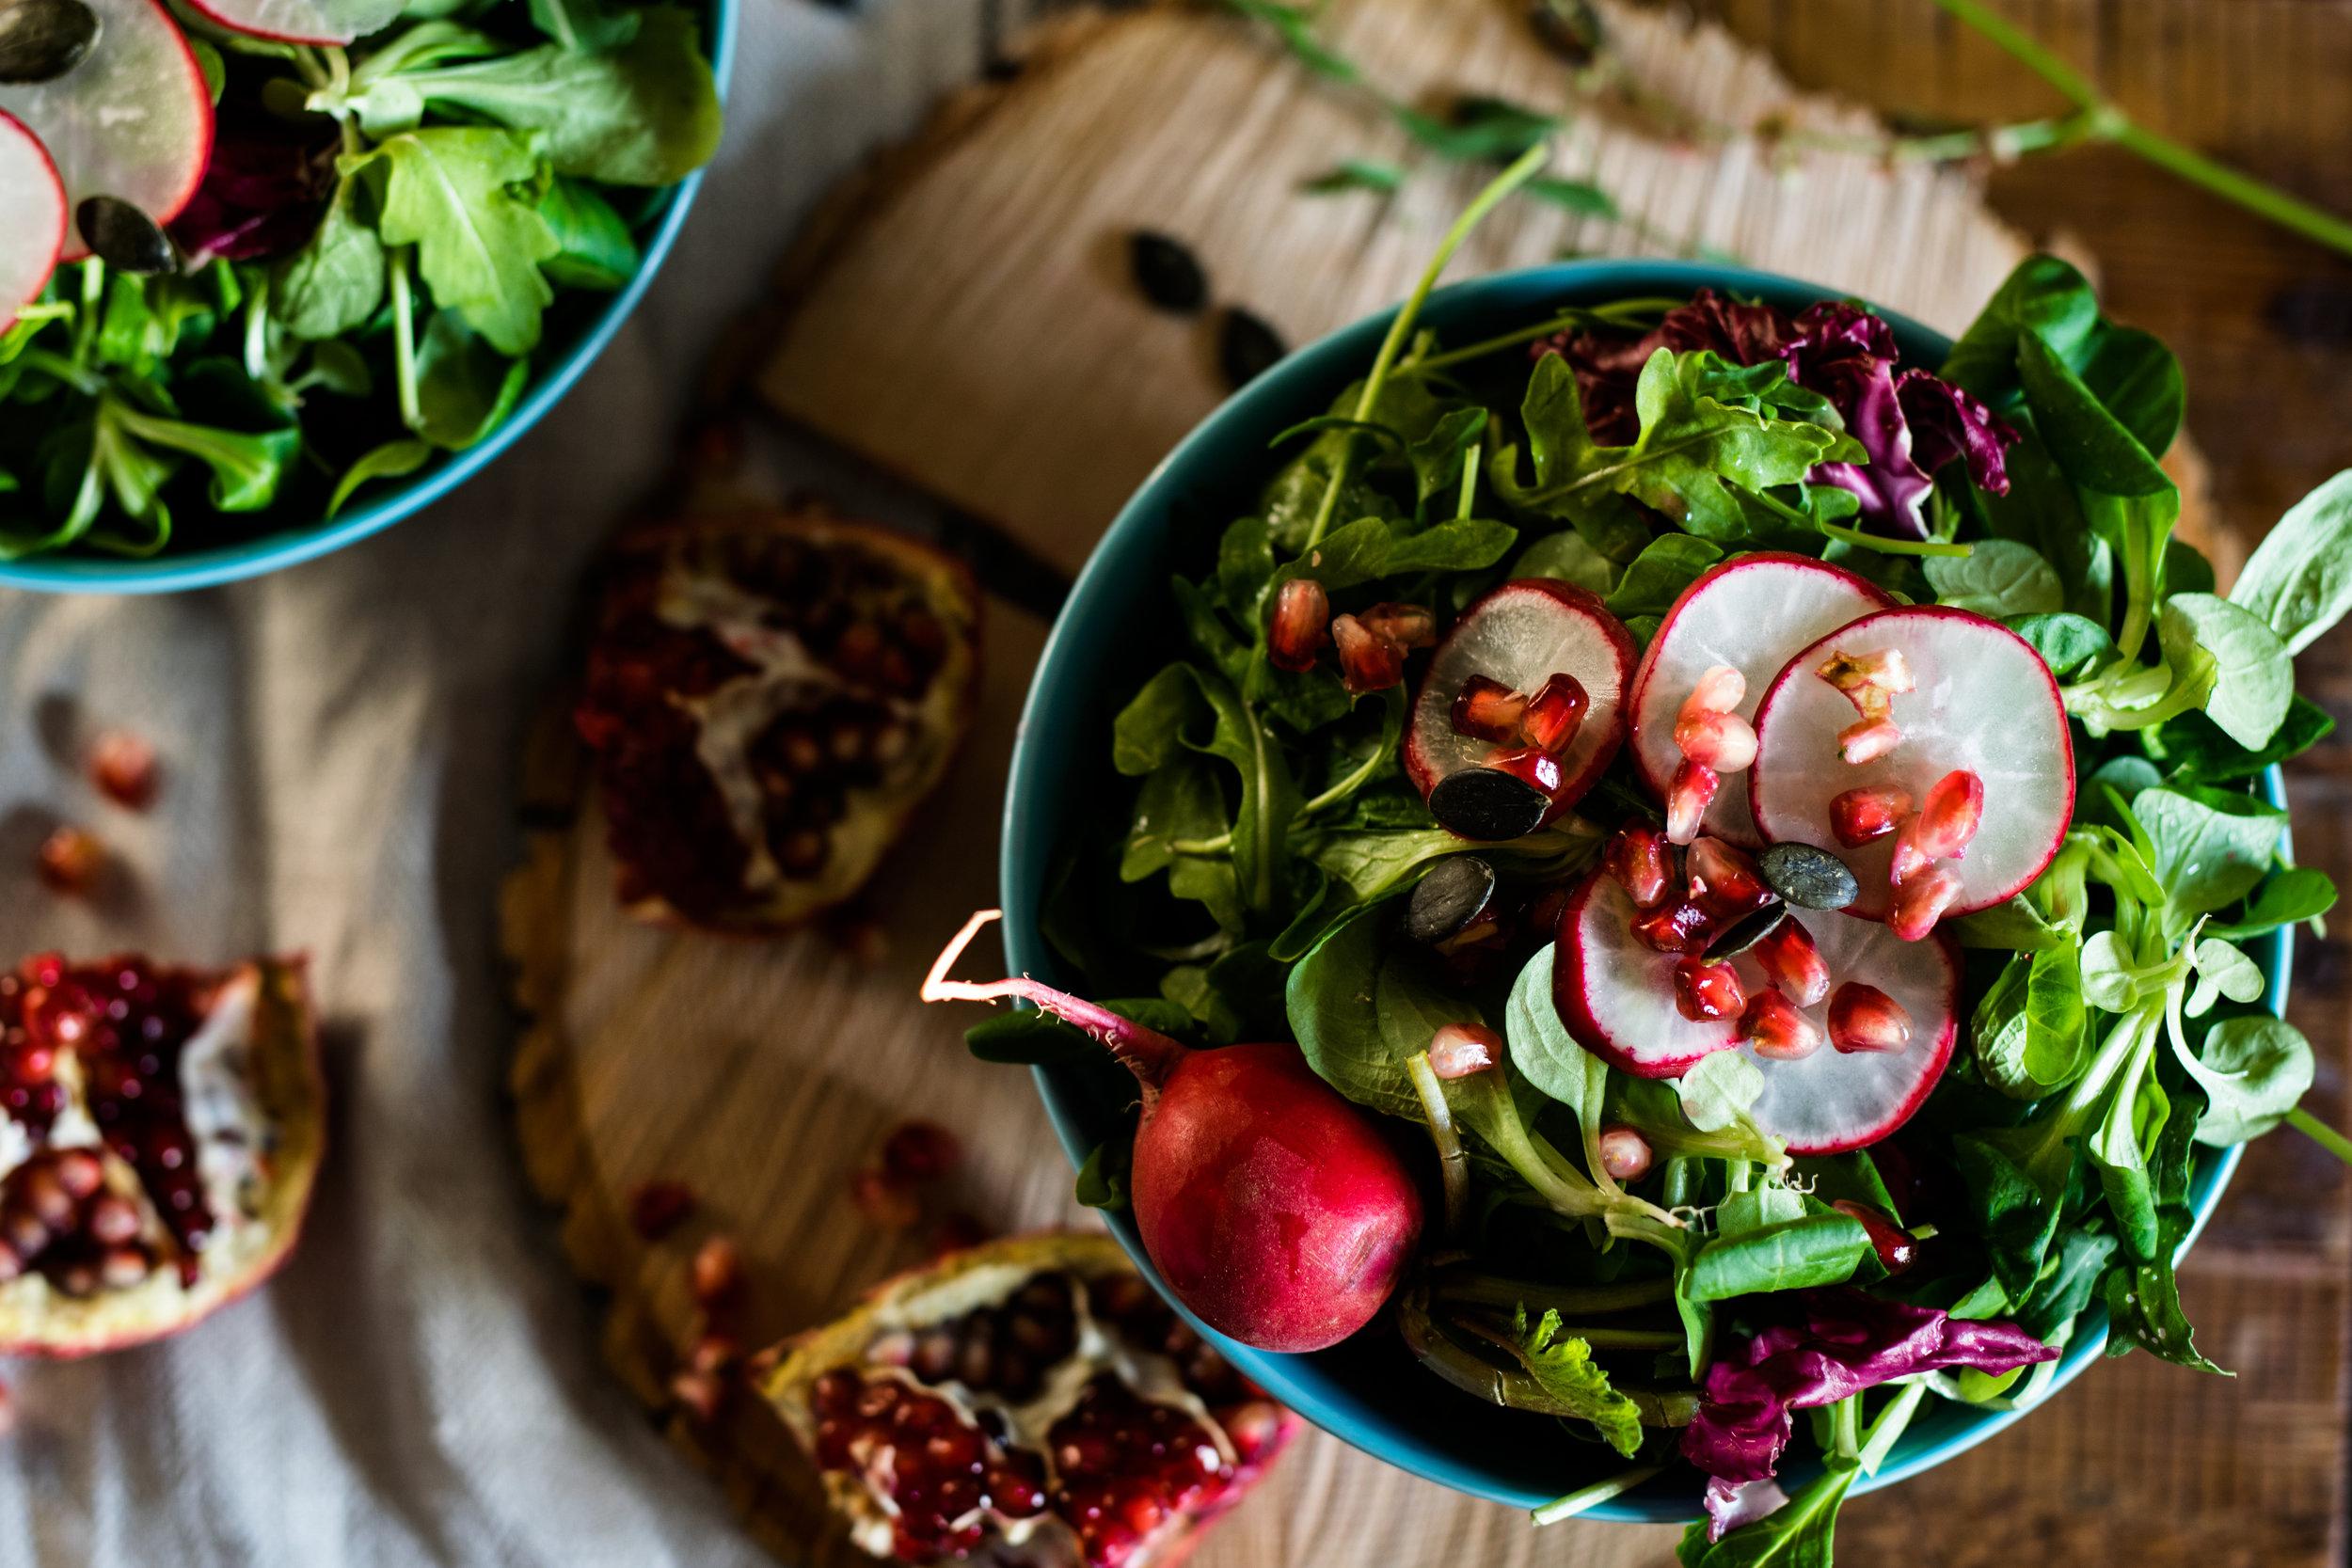 Salad bowls and radishes